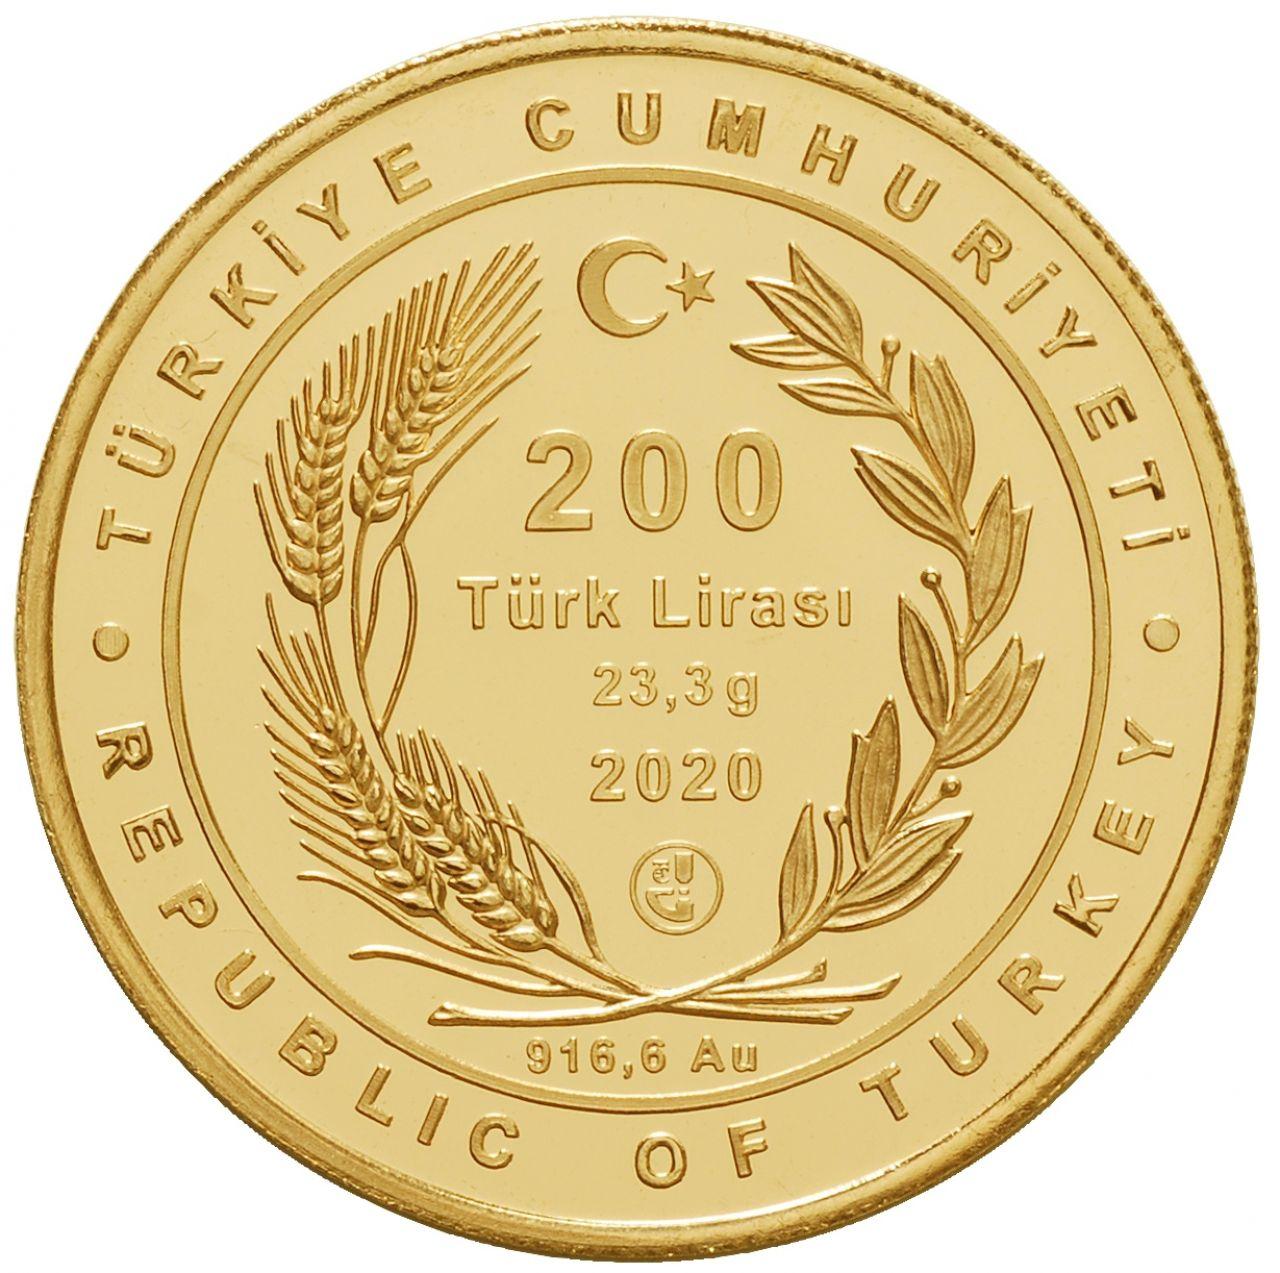 Турция монета 200 лир, золото, 2020 год, аверс